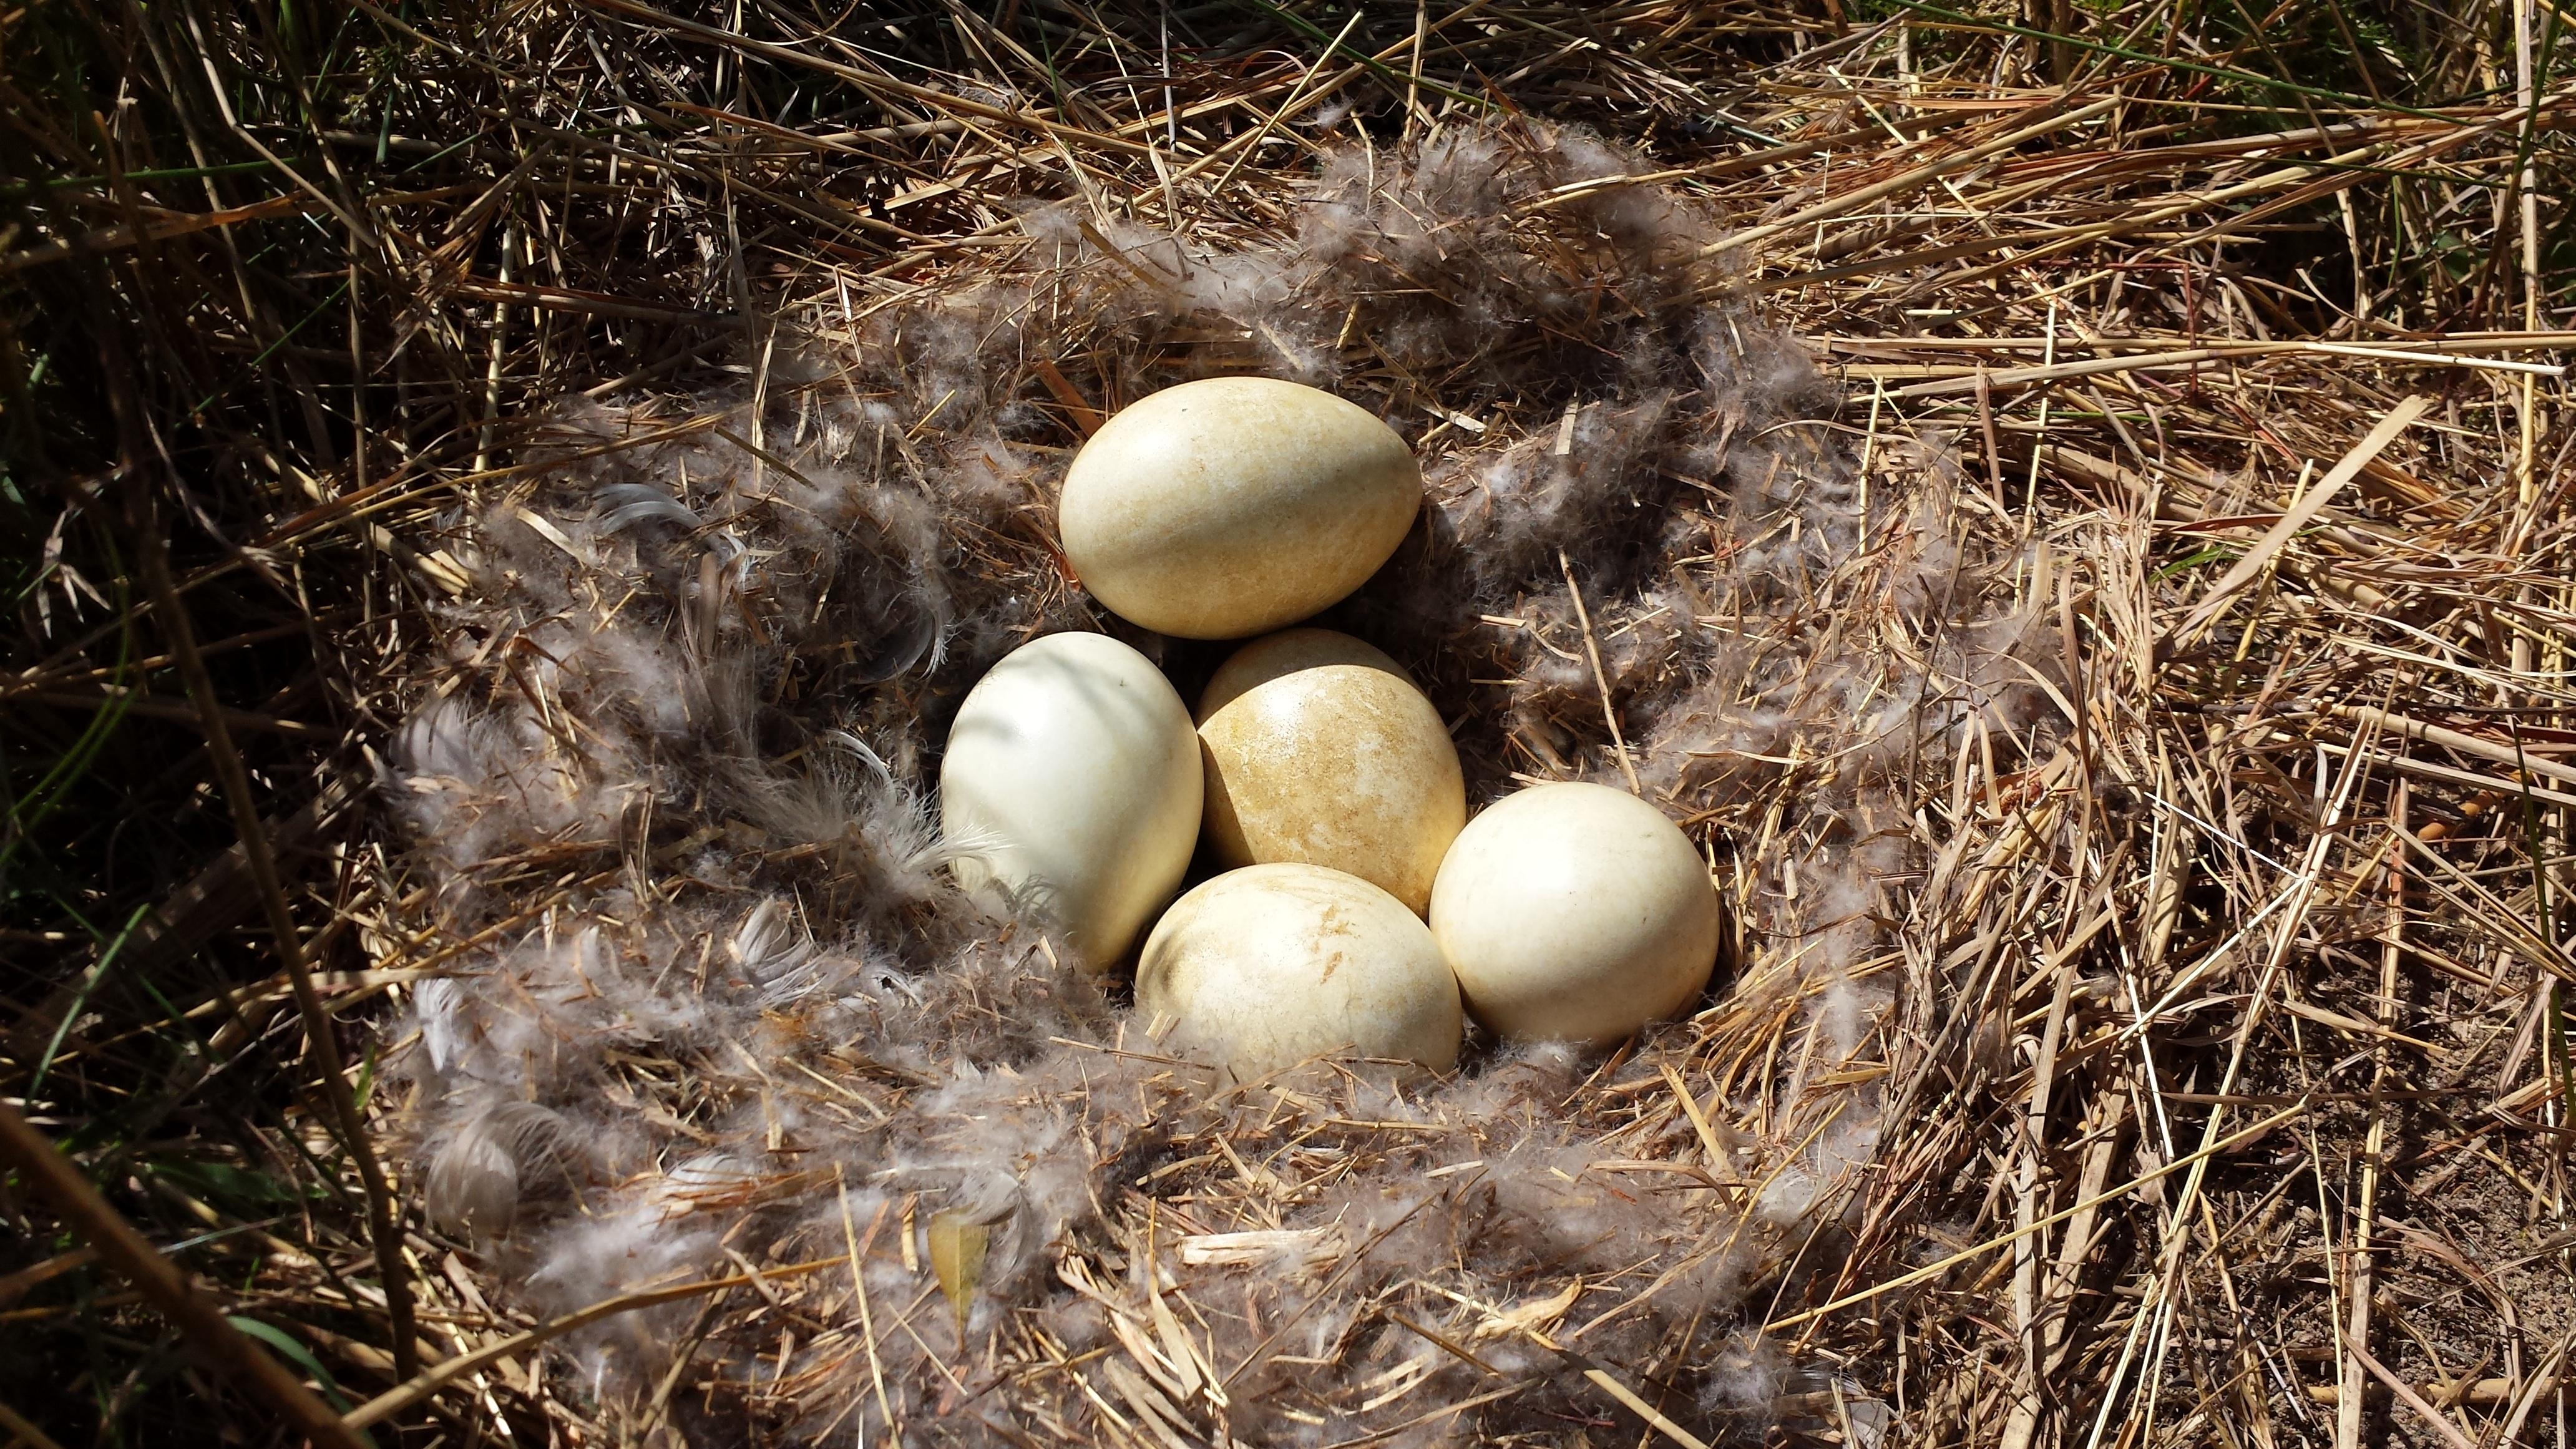 птицы фото гнездятся в траве отказался из-за того